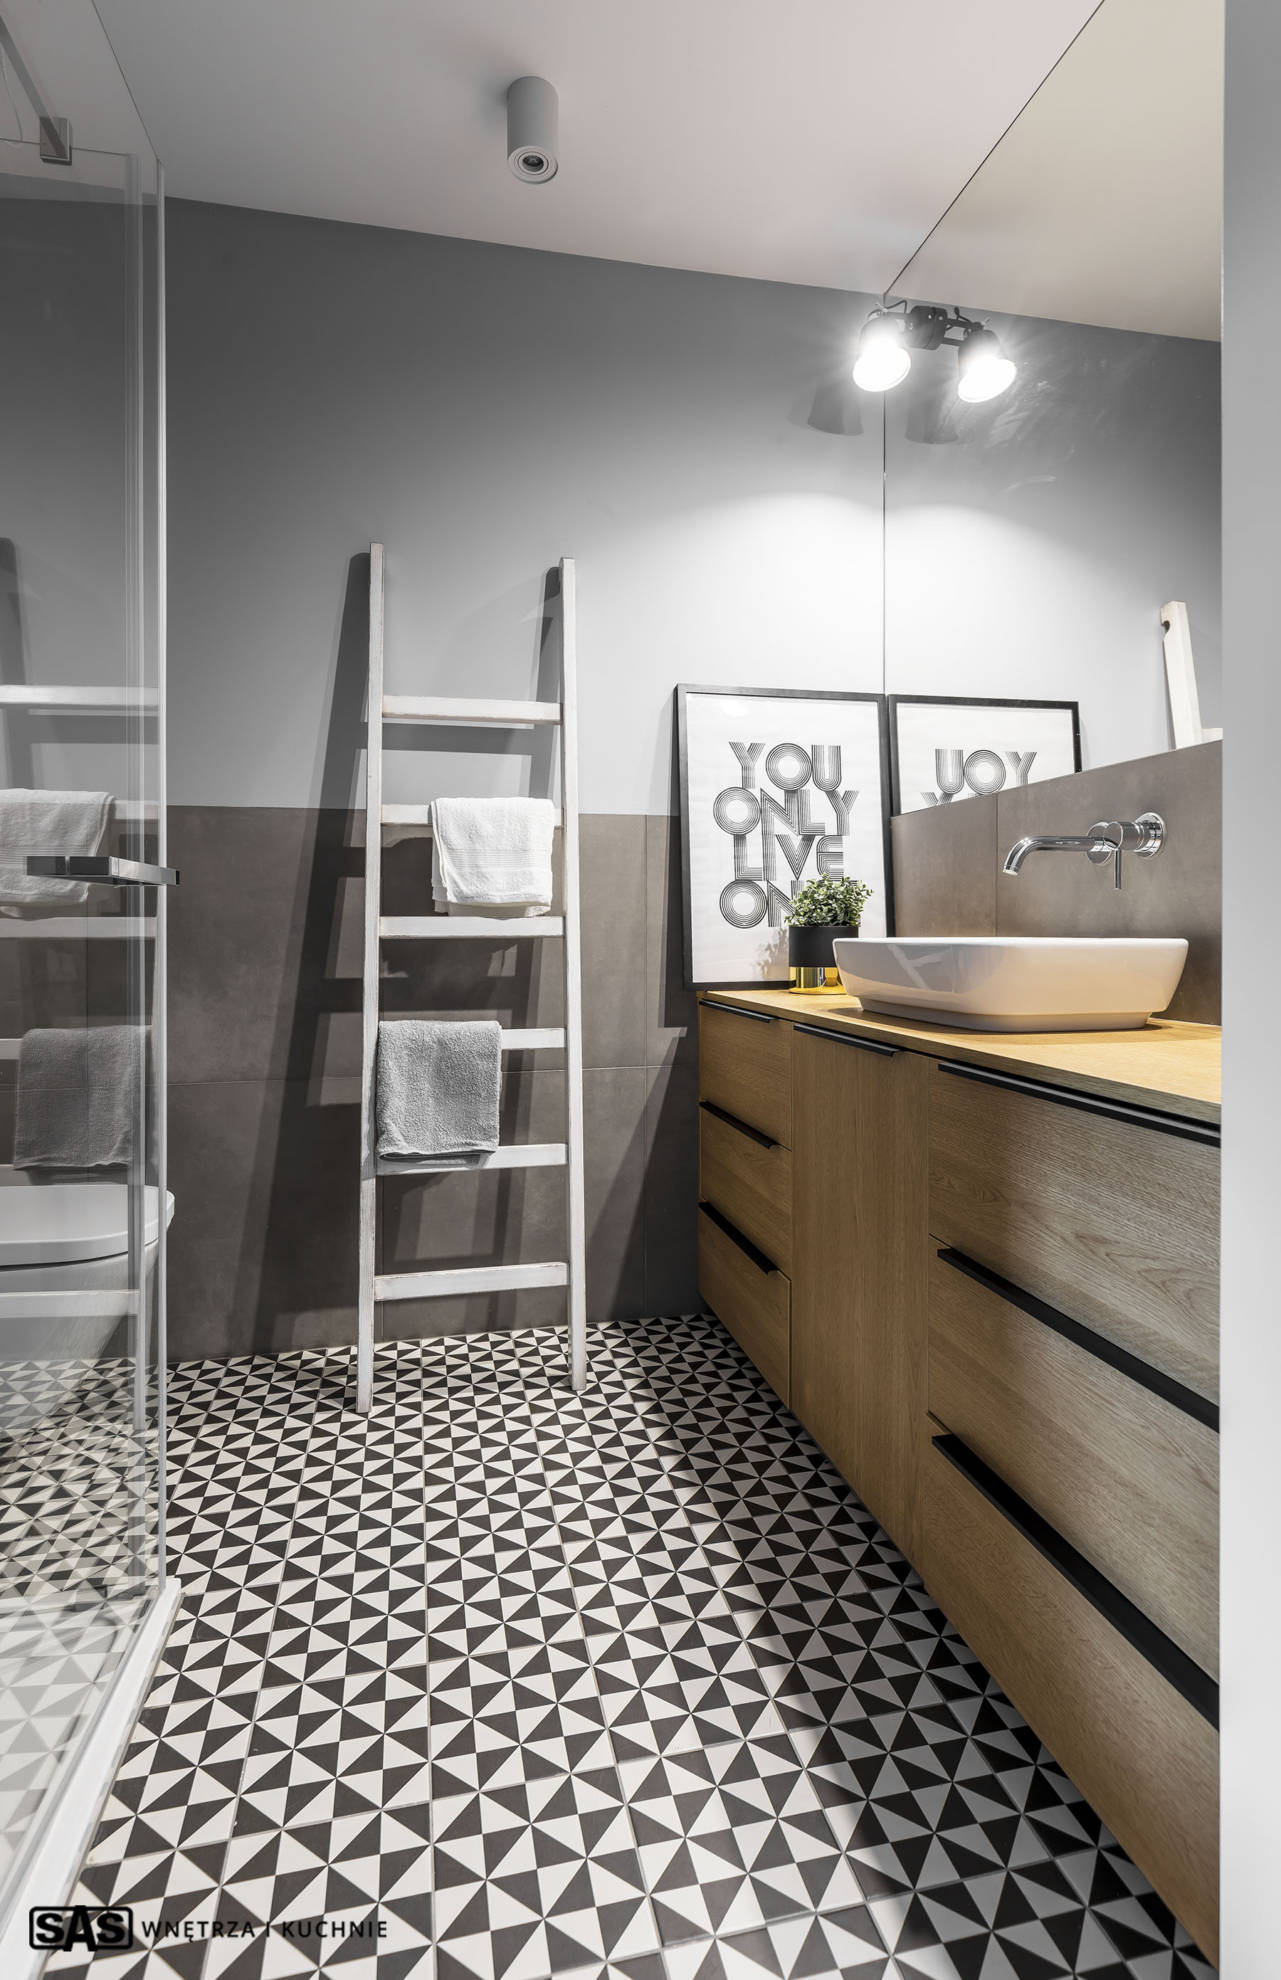 Łazienka - meble SAS Wnętrza i Kuchnia, projekt architekt wnętrz Emilia Strzempek Plasun.